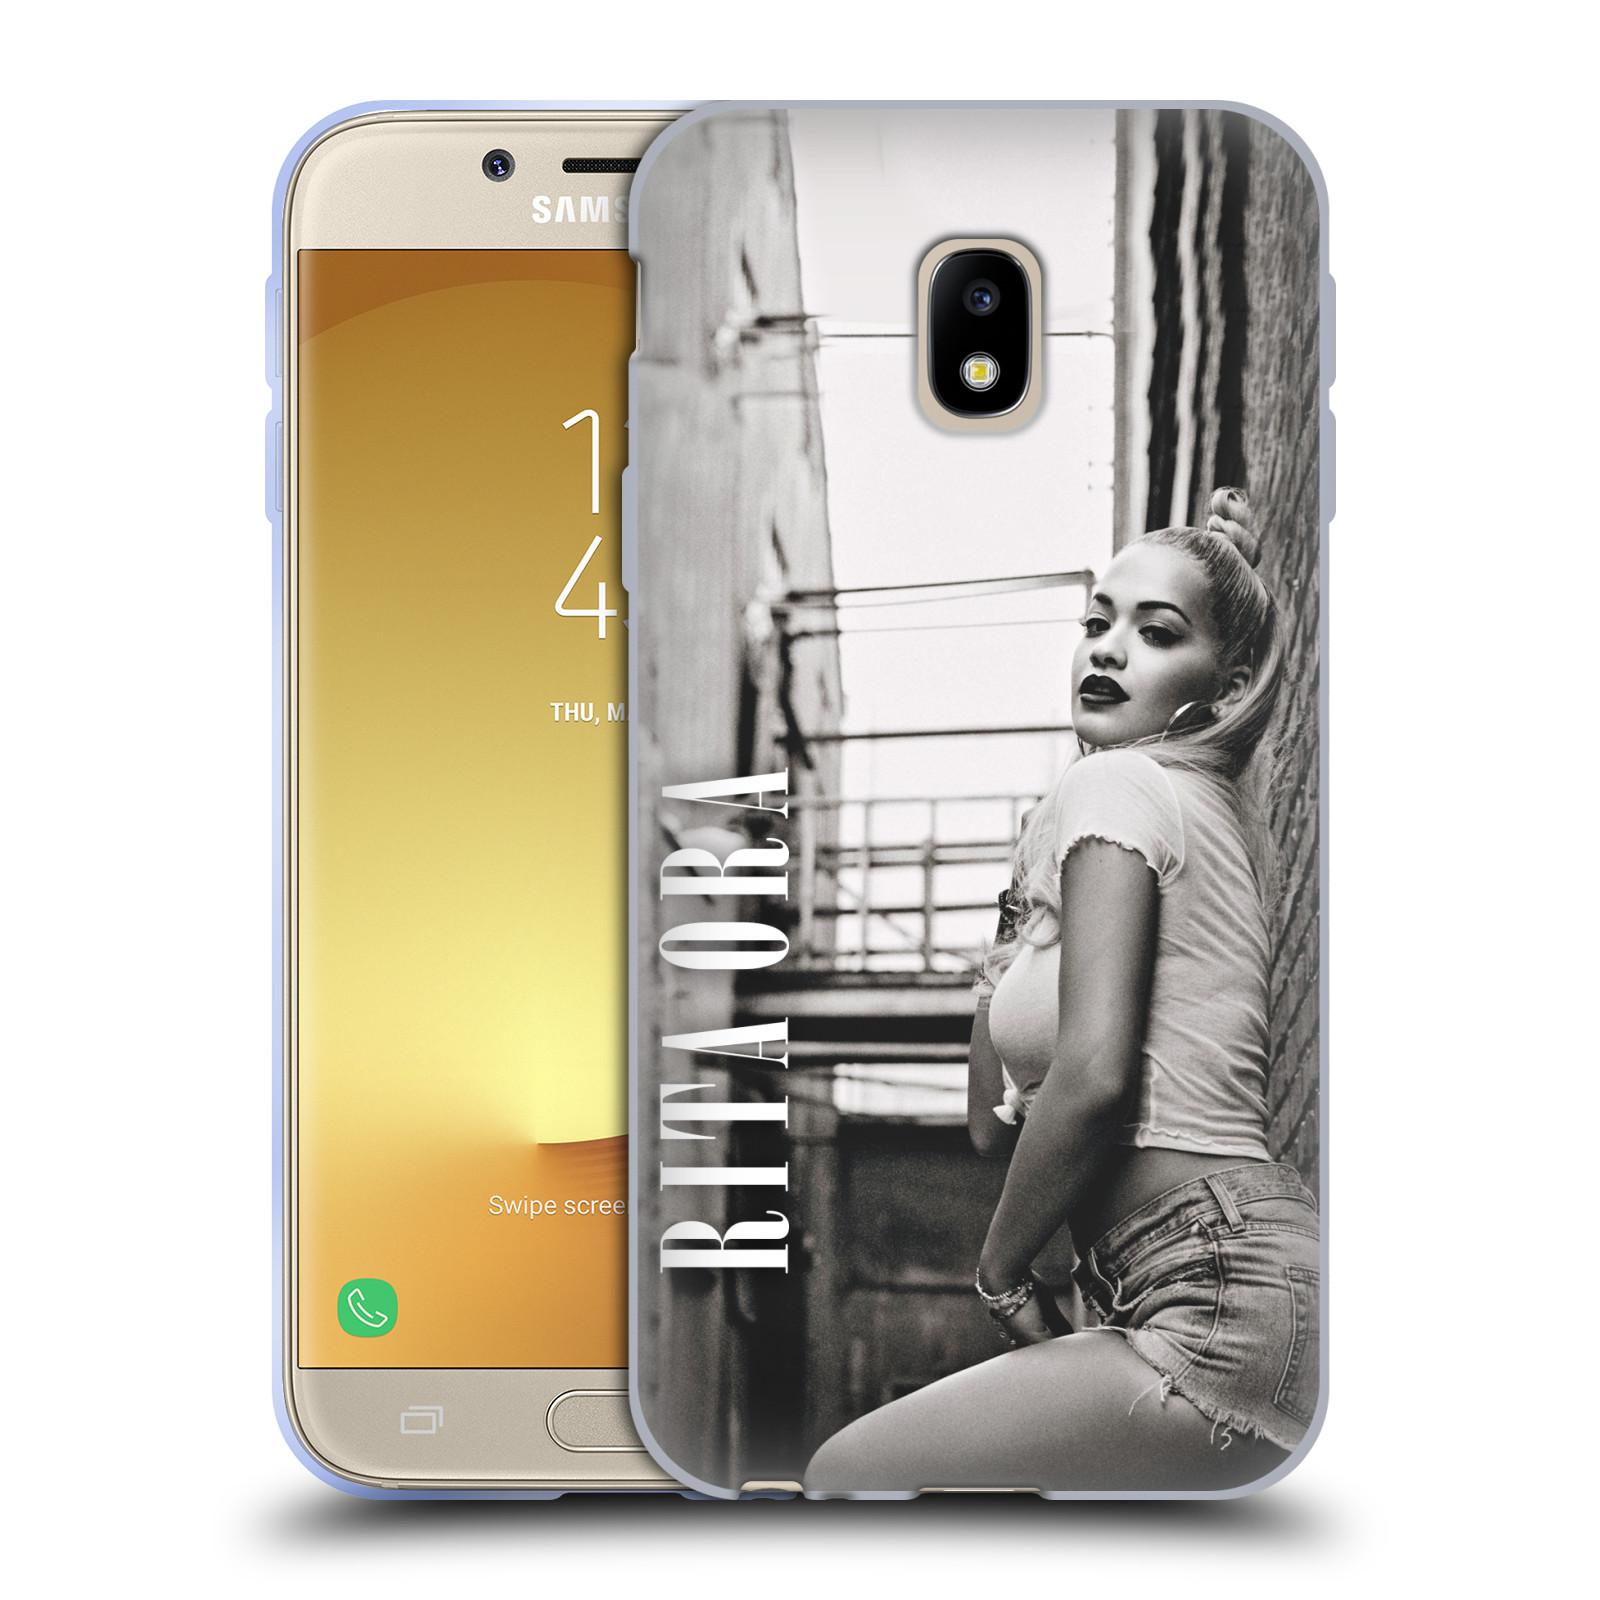 HEAD CASE silikonový obal na mobil Samsung Galaxy J3 2017 (J330, J330F) zpěvačka Rita Ora foto černobílá